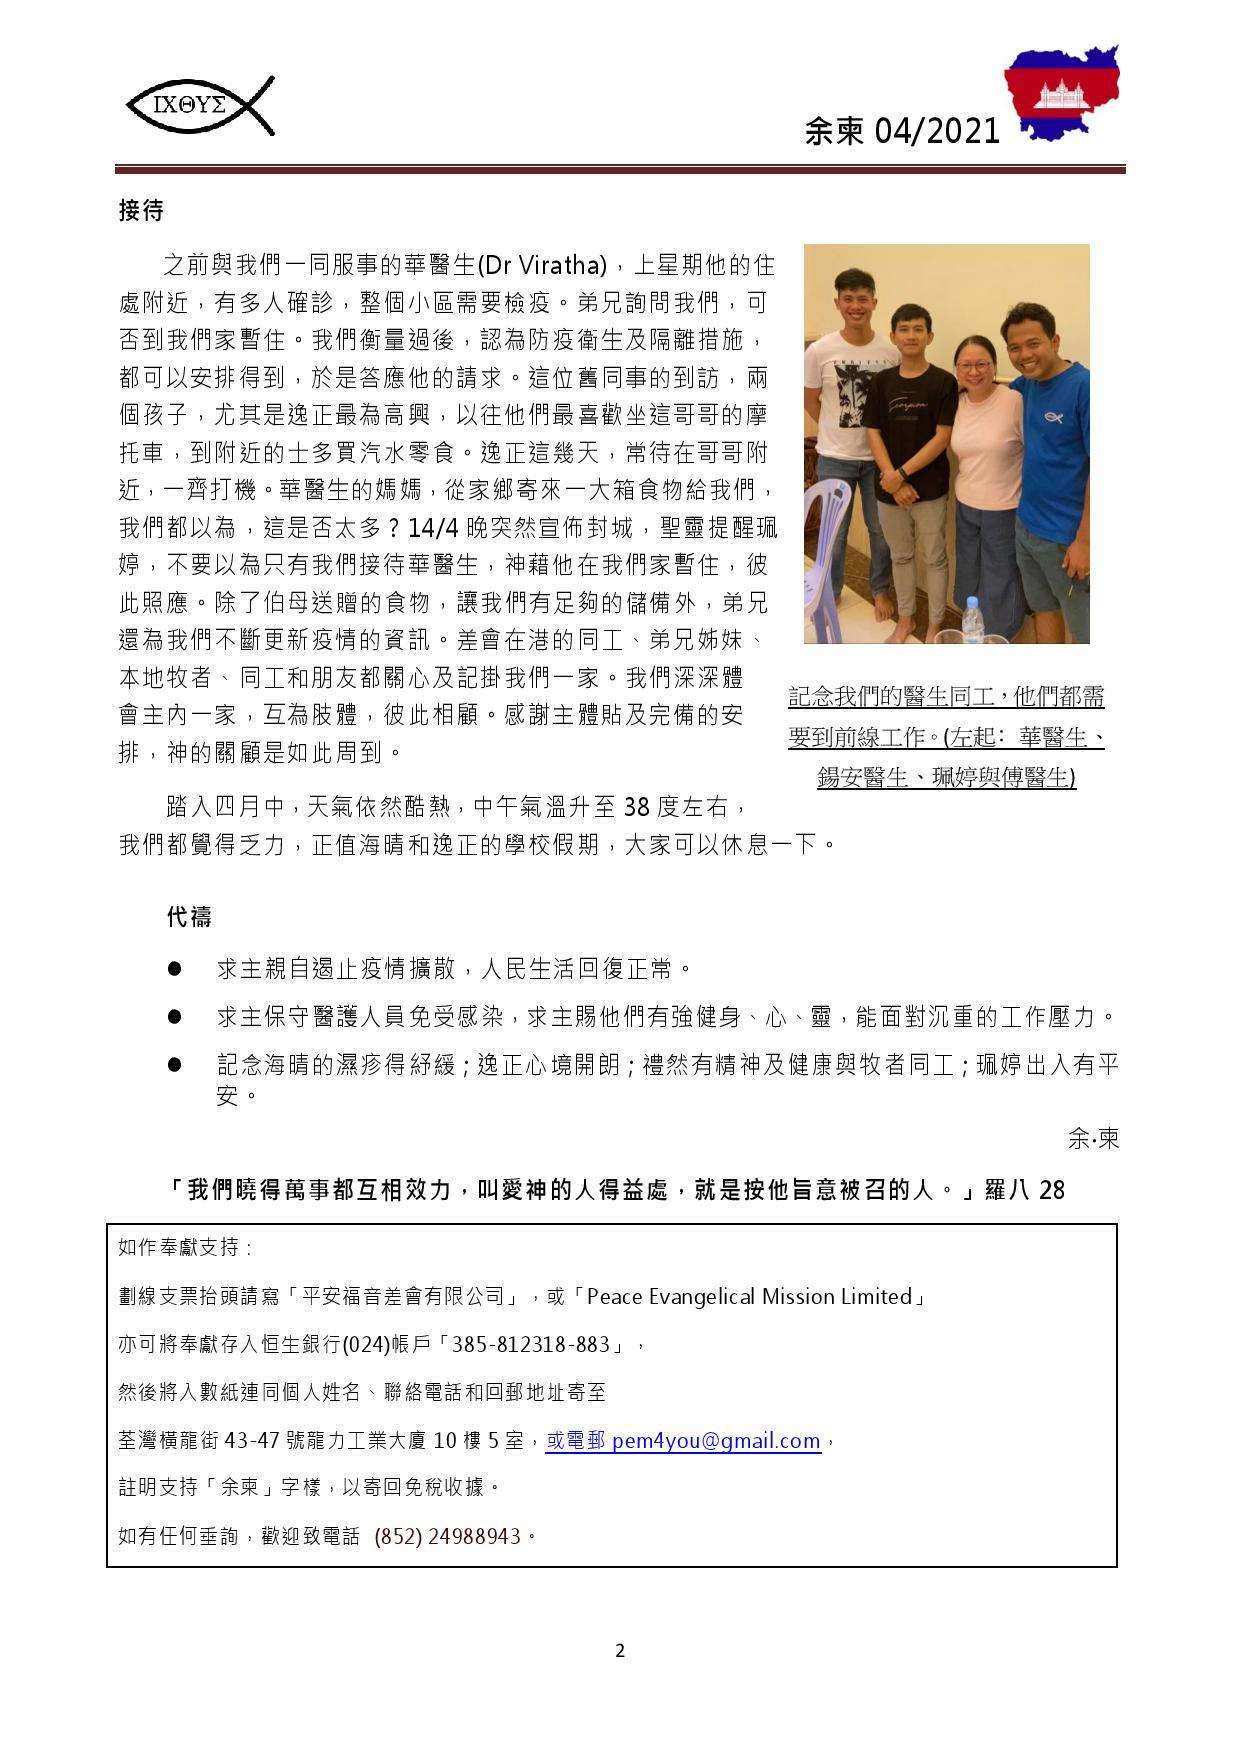 202104余柬代禱信-page-002